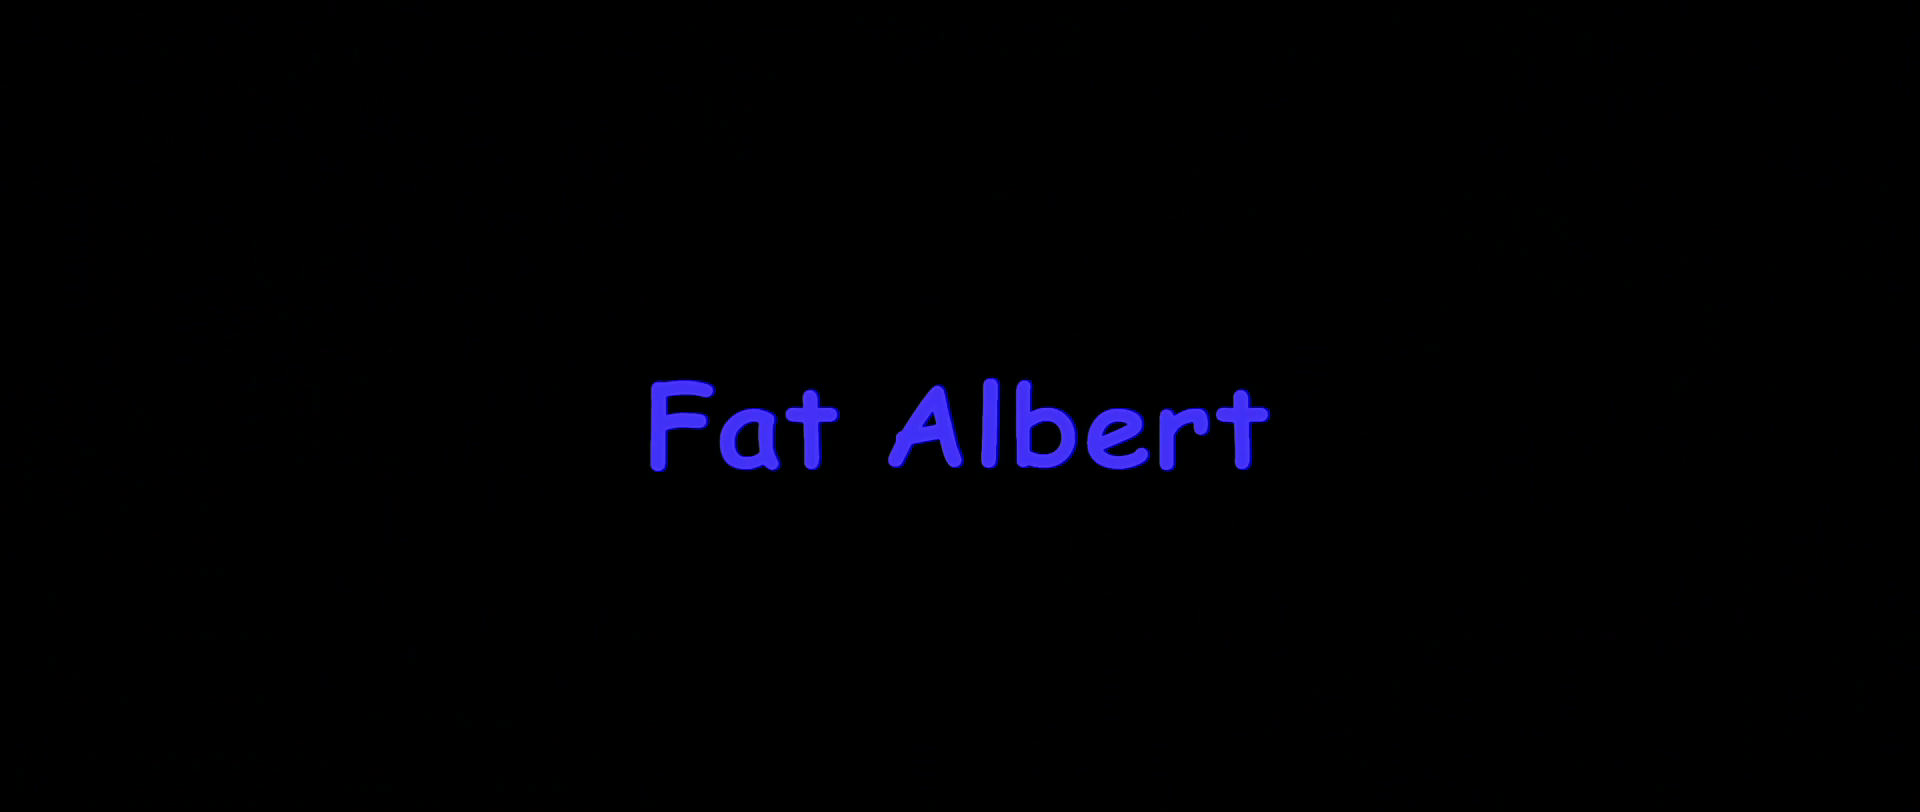 Fat Albert (2004)